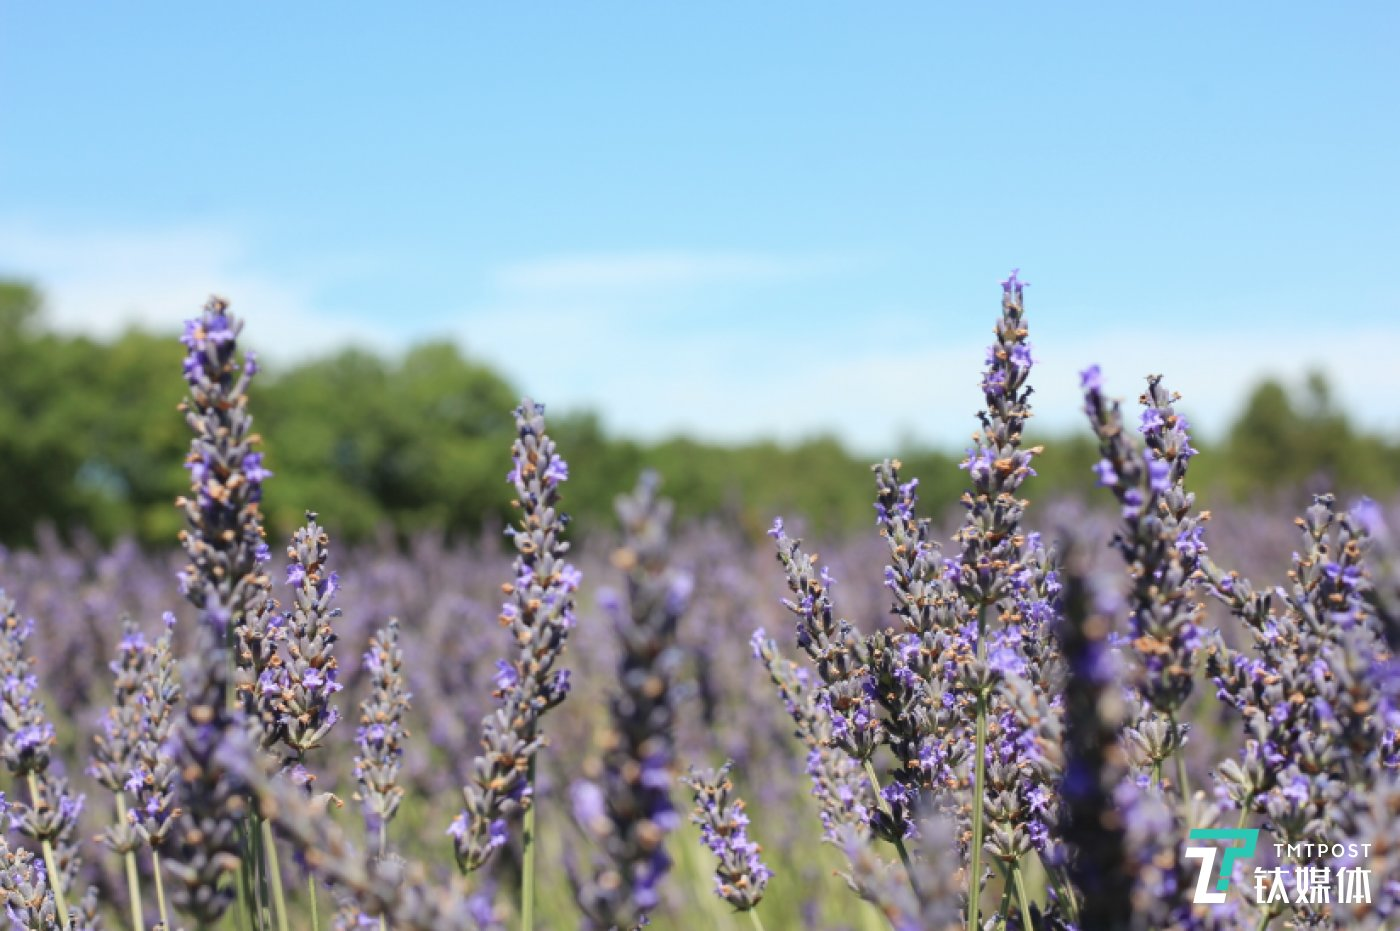 阿普特地区种植的真实薰衣草